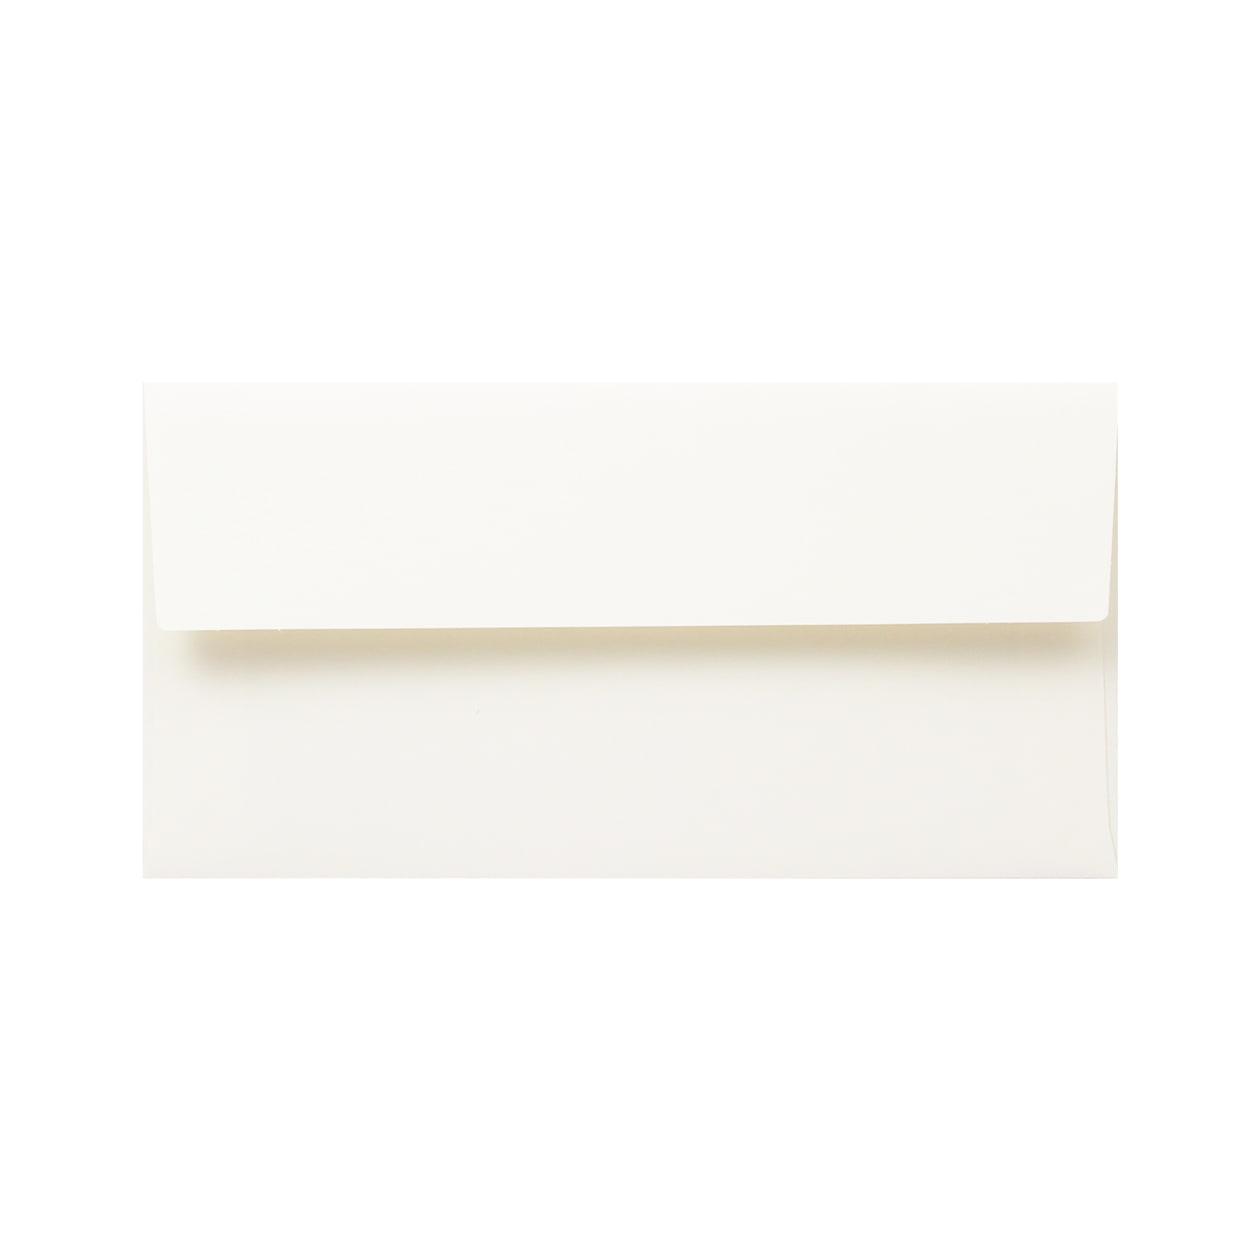 洋6カマス封筒 HAGURUMA Basic ソフトクリーム 100g